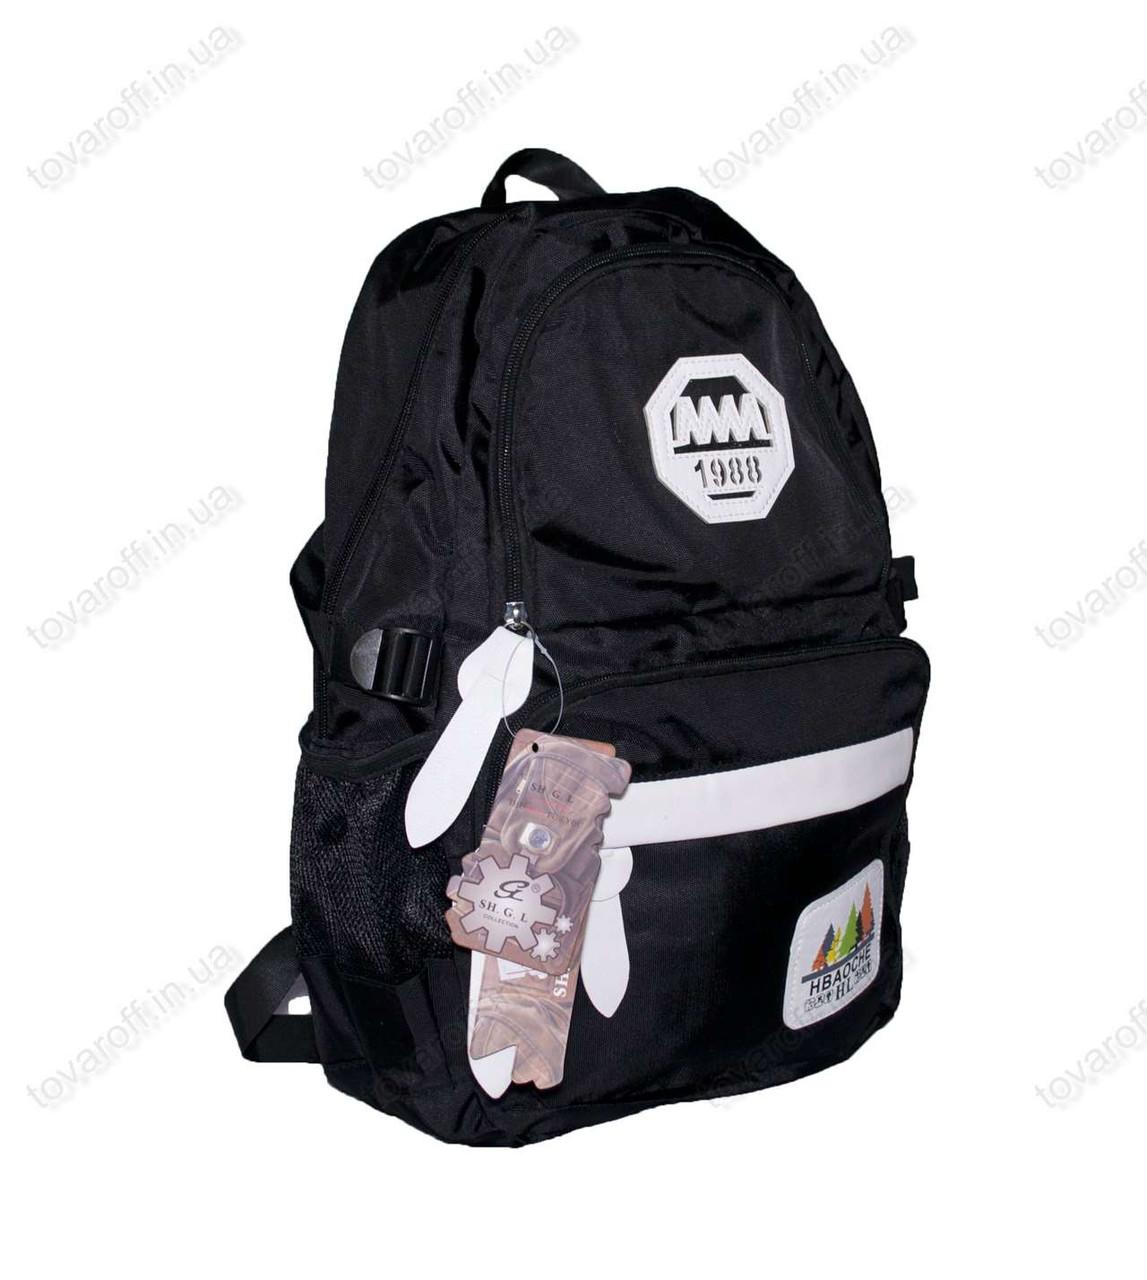 Оптом рюкзак школьный/спортивный - Черный - 901